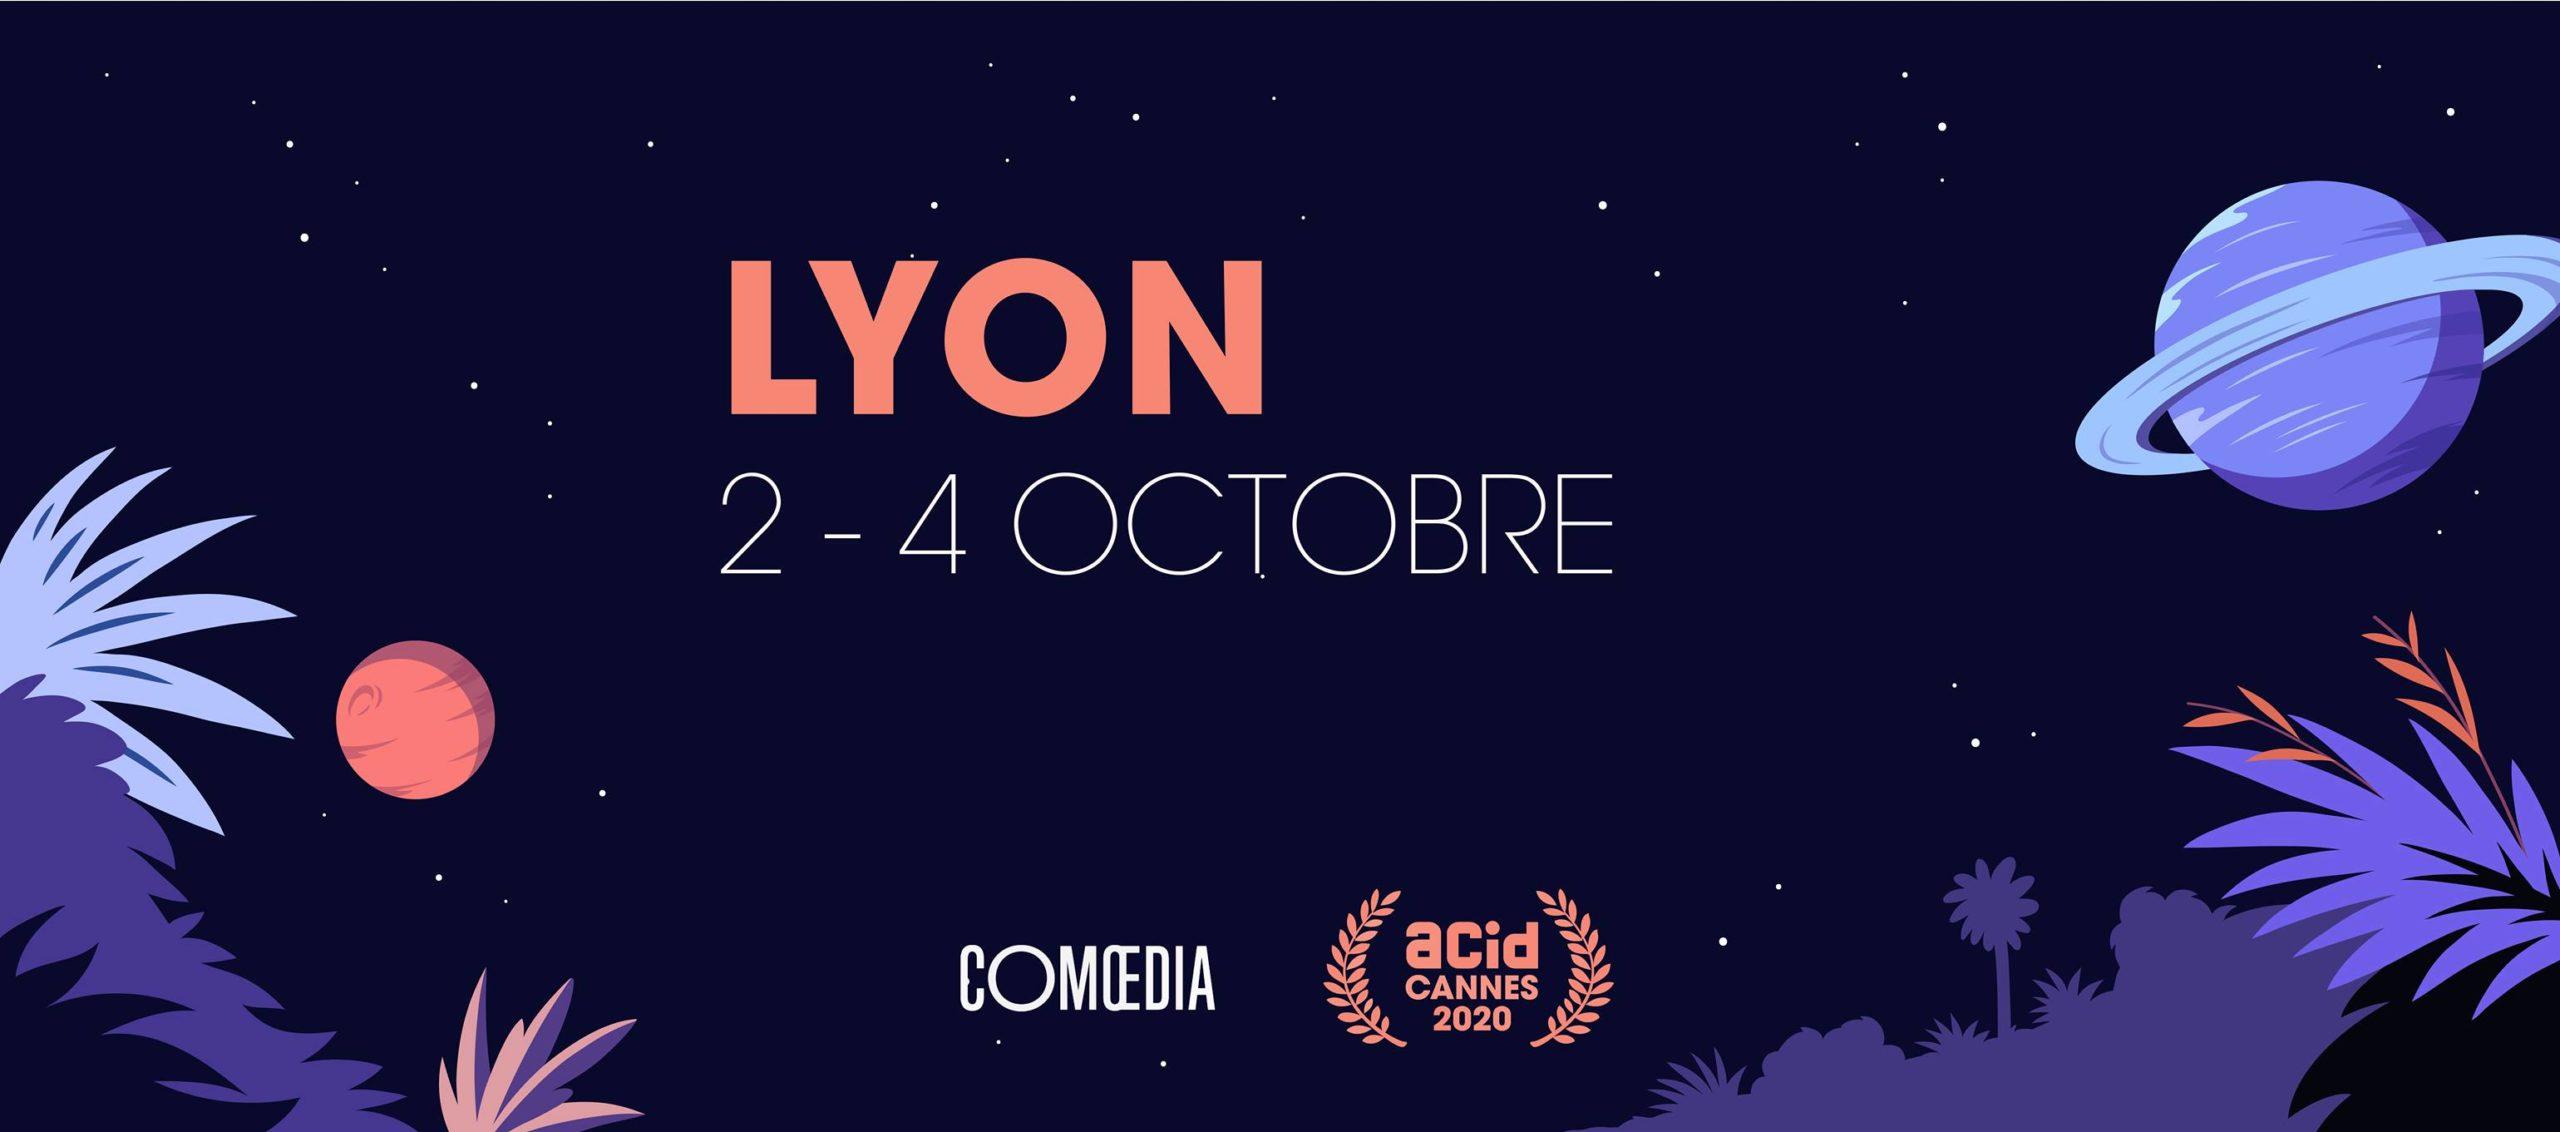 L'ACID Cannes Hors-les-Mur à Lyon